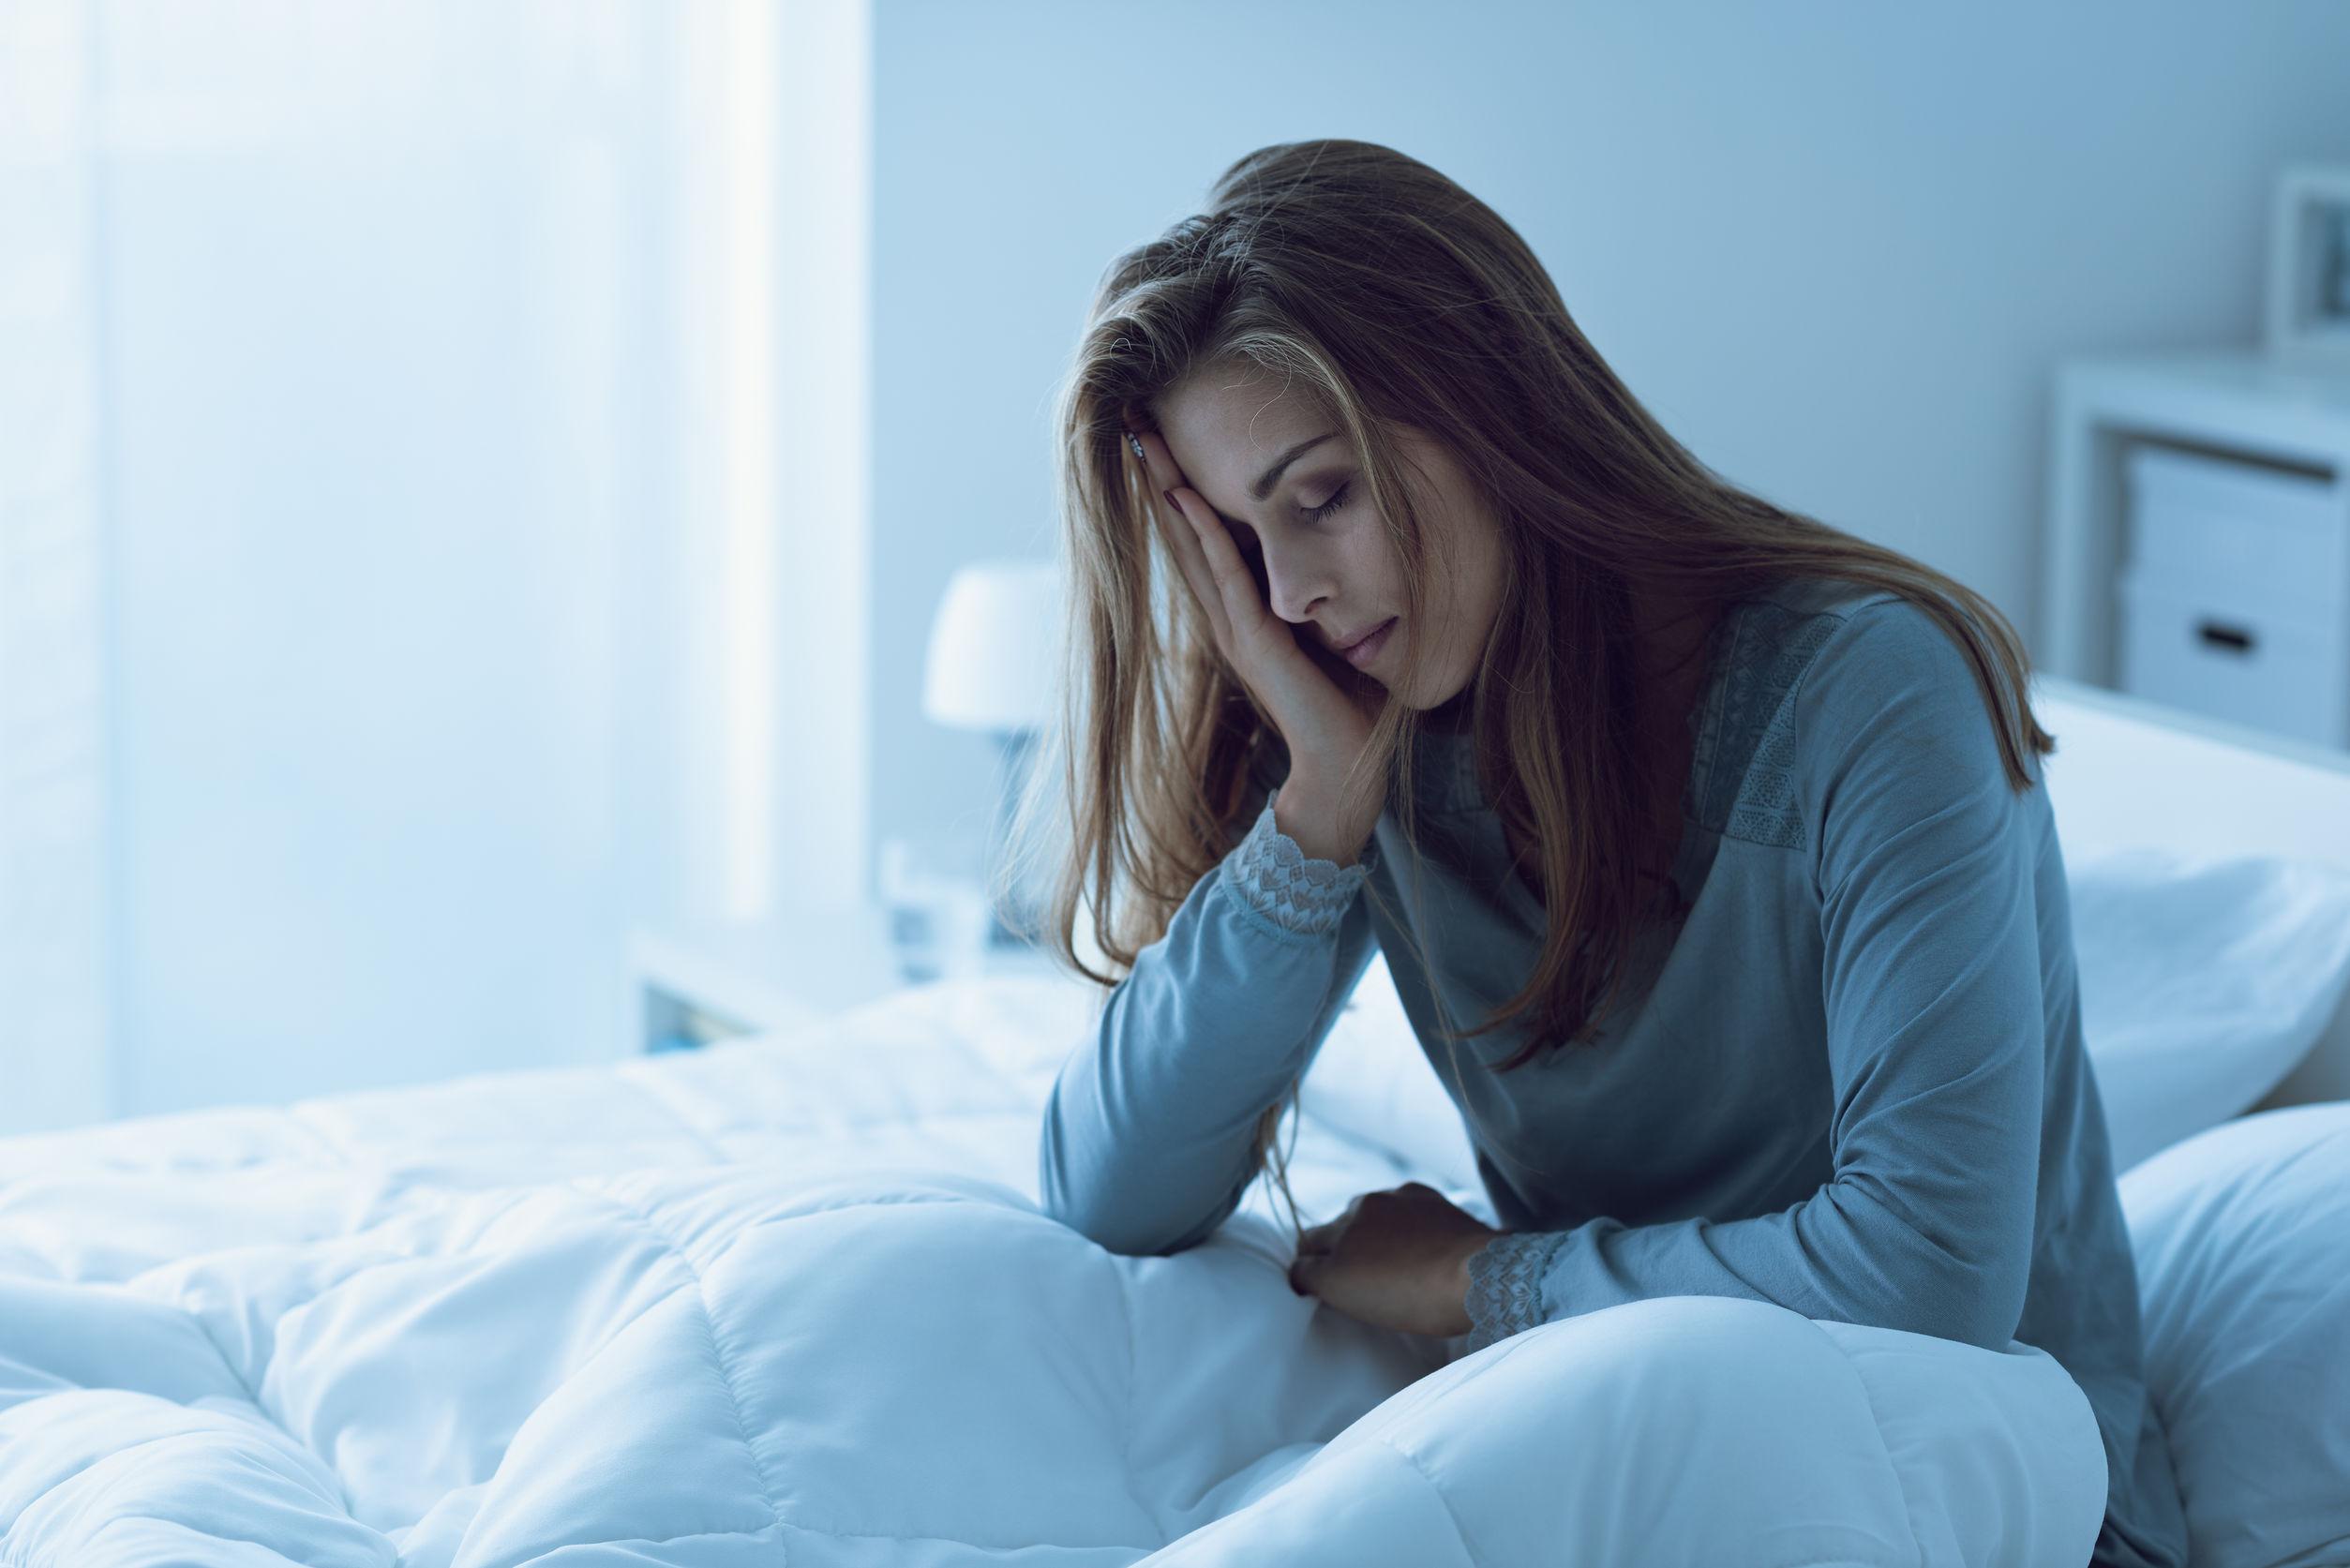 kevesebb alvás segít a fogyásban fogyás excel táblázat